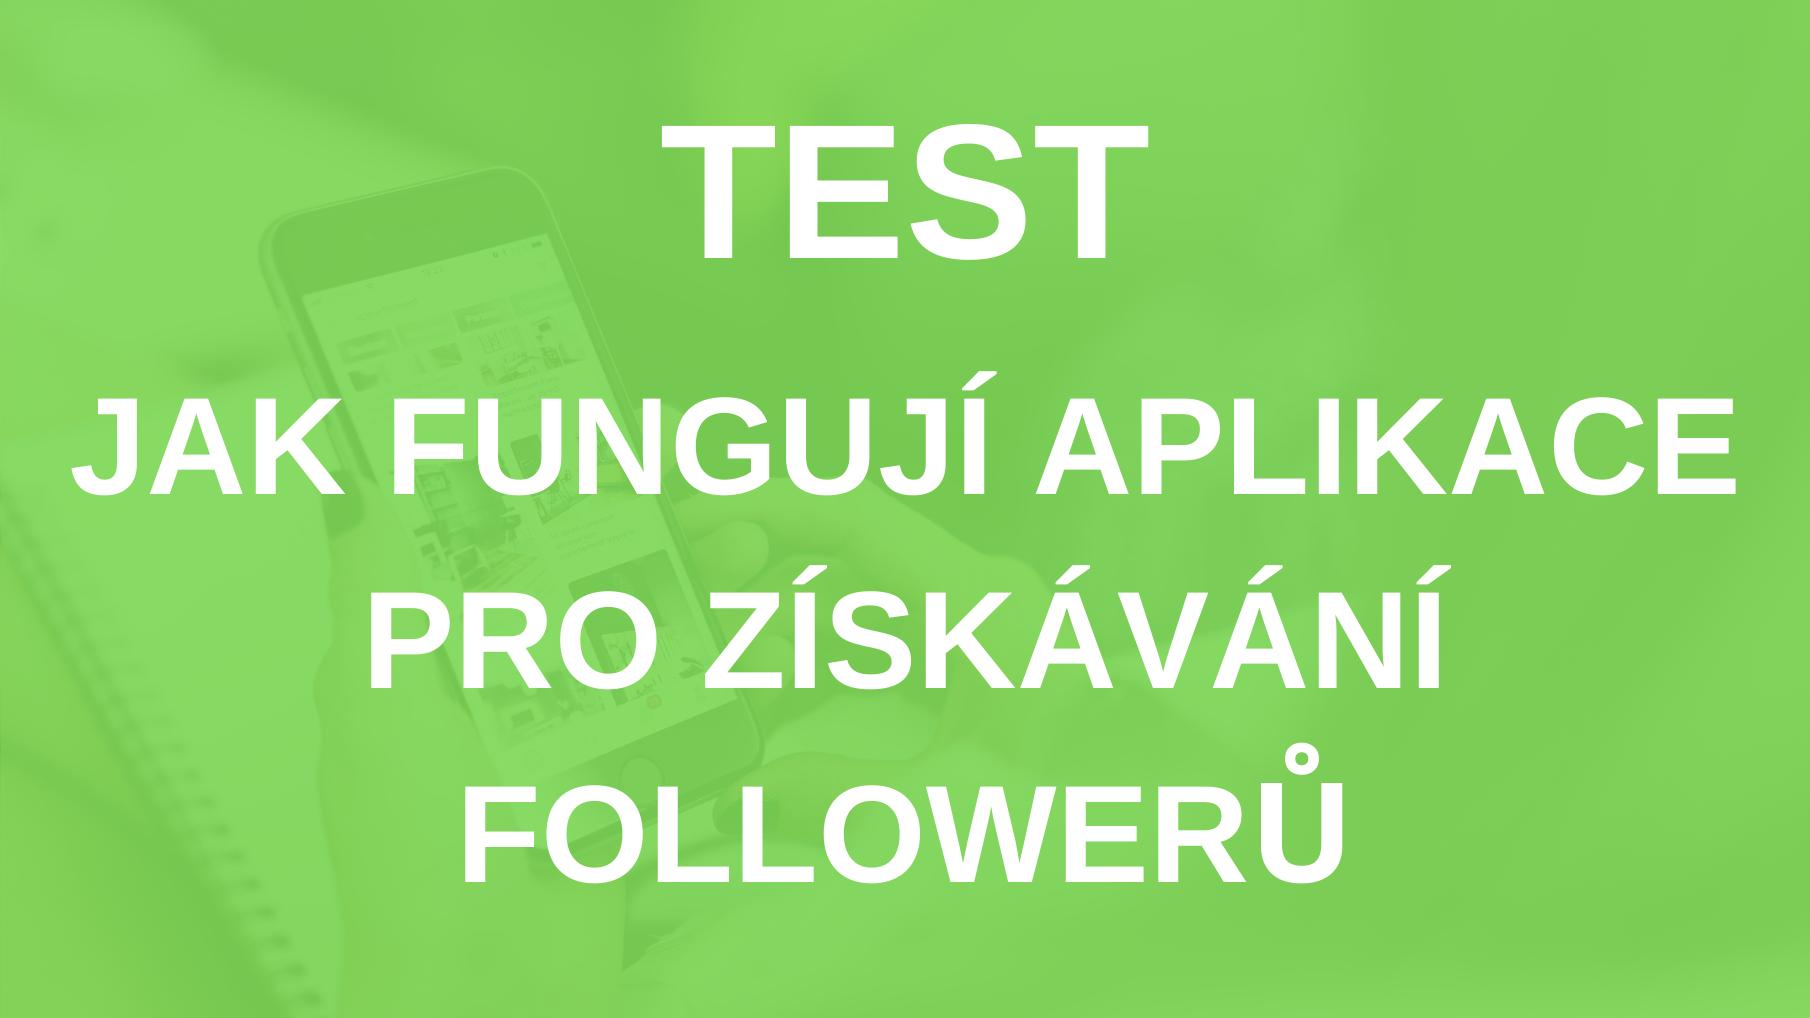 TEST: Aplikace Pro Získávání Followerů Na Instagramu